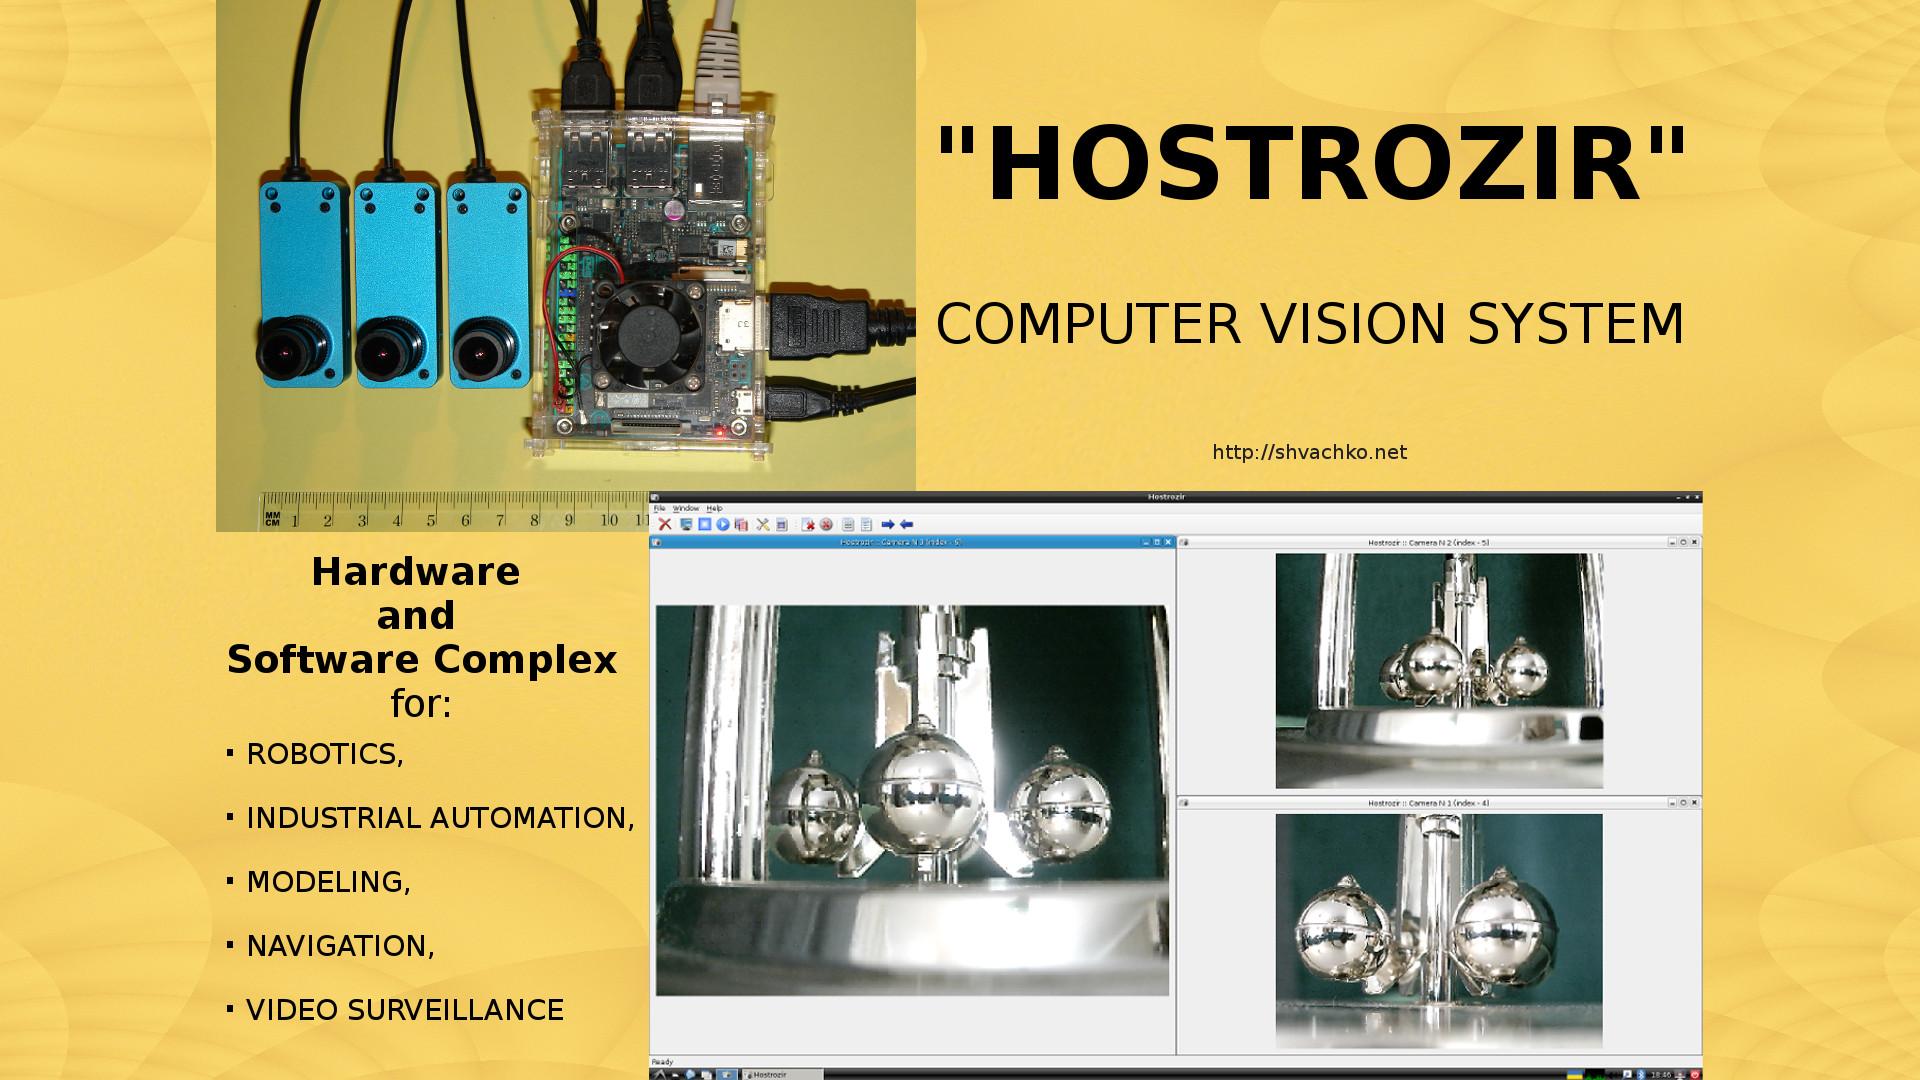 Computer vision system _Hostrozir_